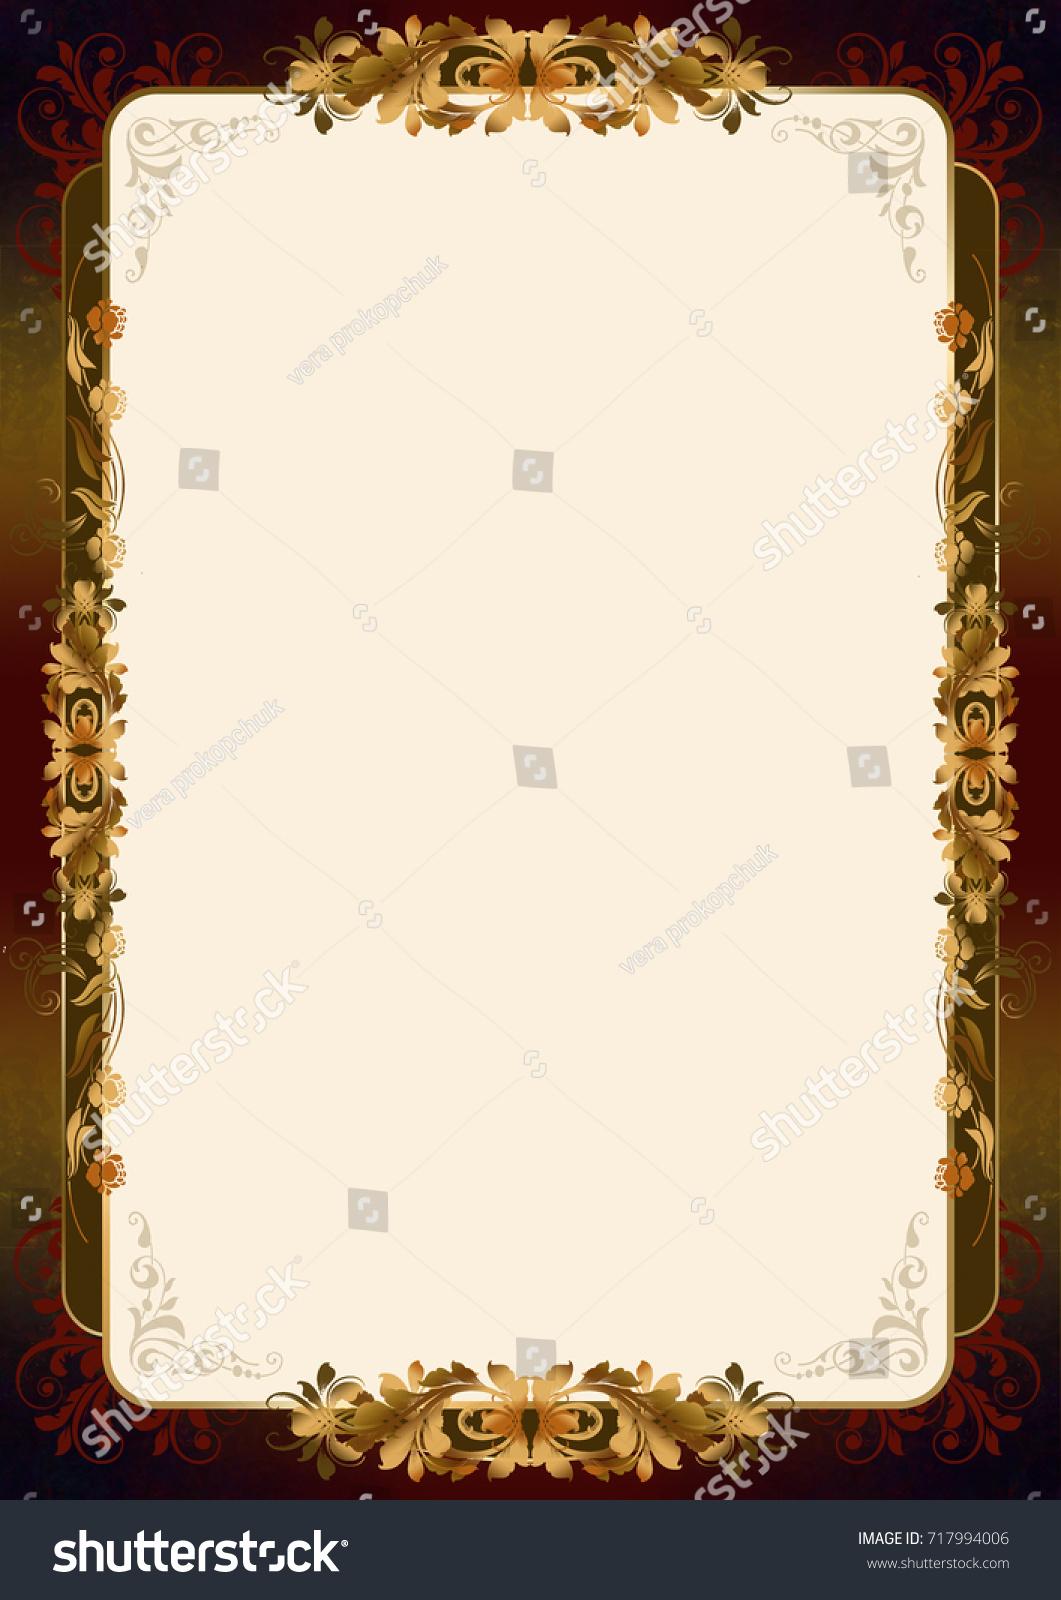 Frame Certificate Stock Illustration 717994006 - Shutterstock